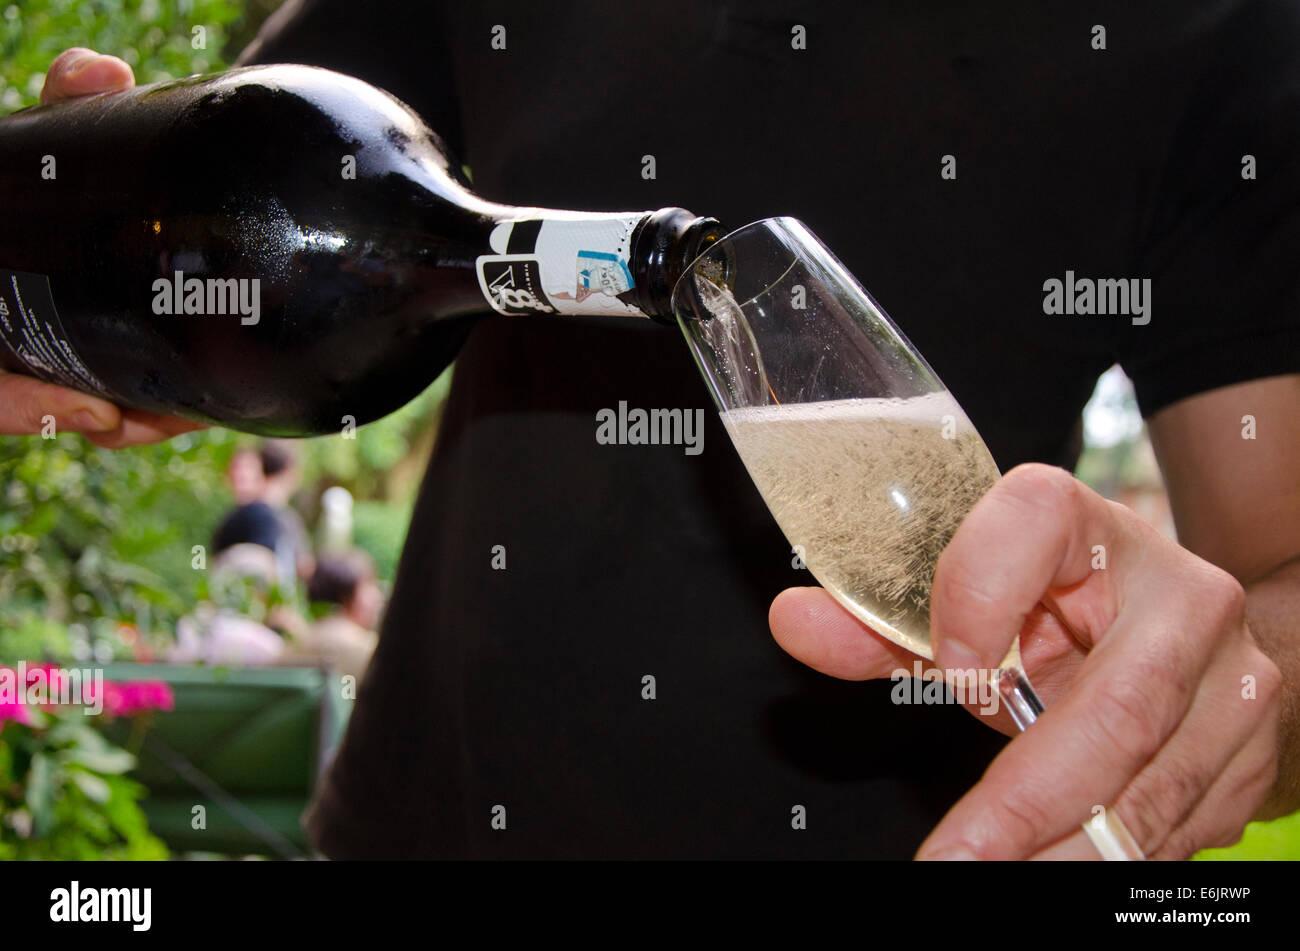 Hombre sirviendo un Prosecco V8+, un vino espumoso italiano Foto de stock